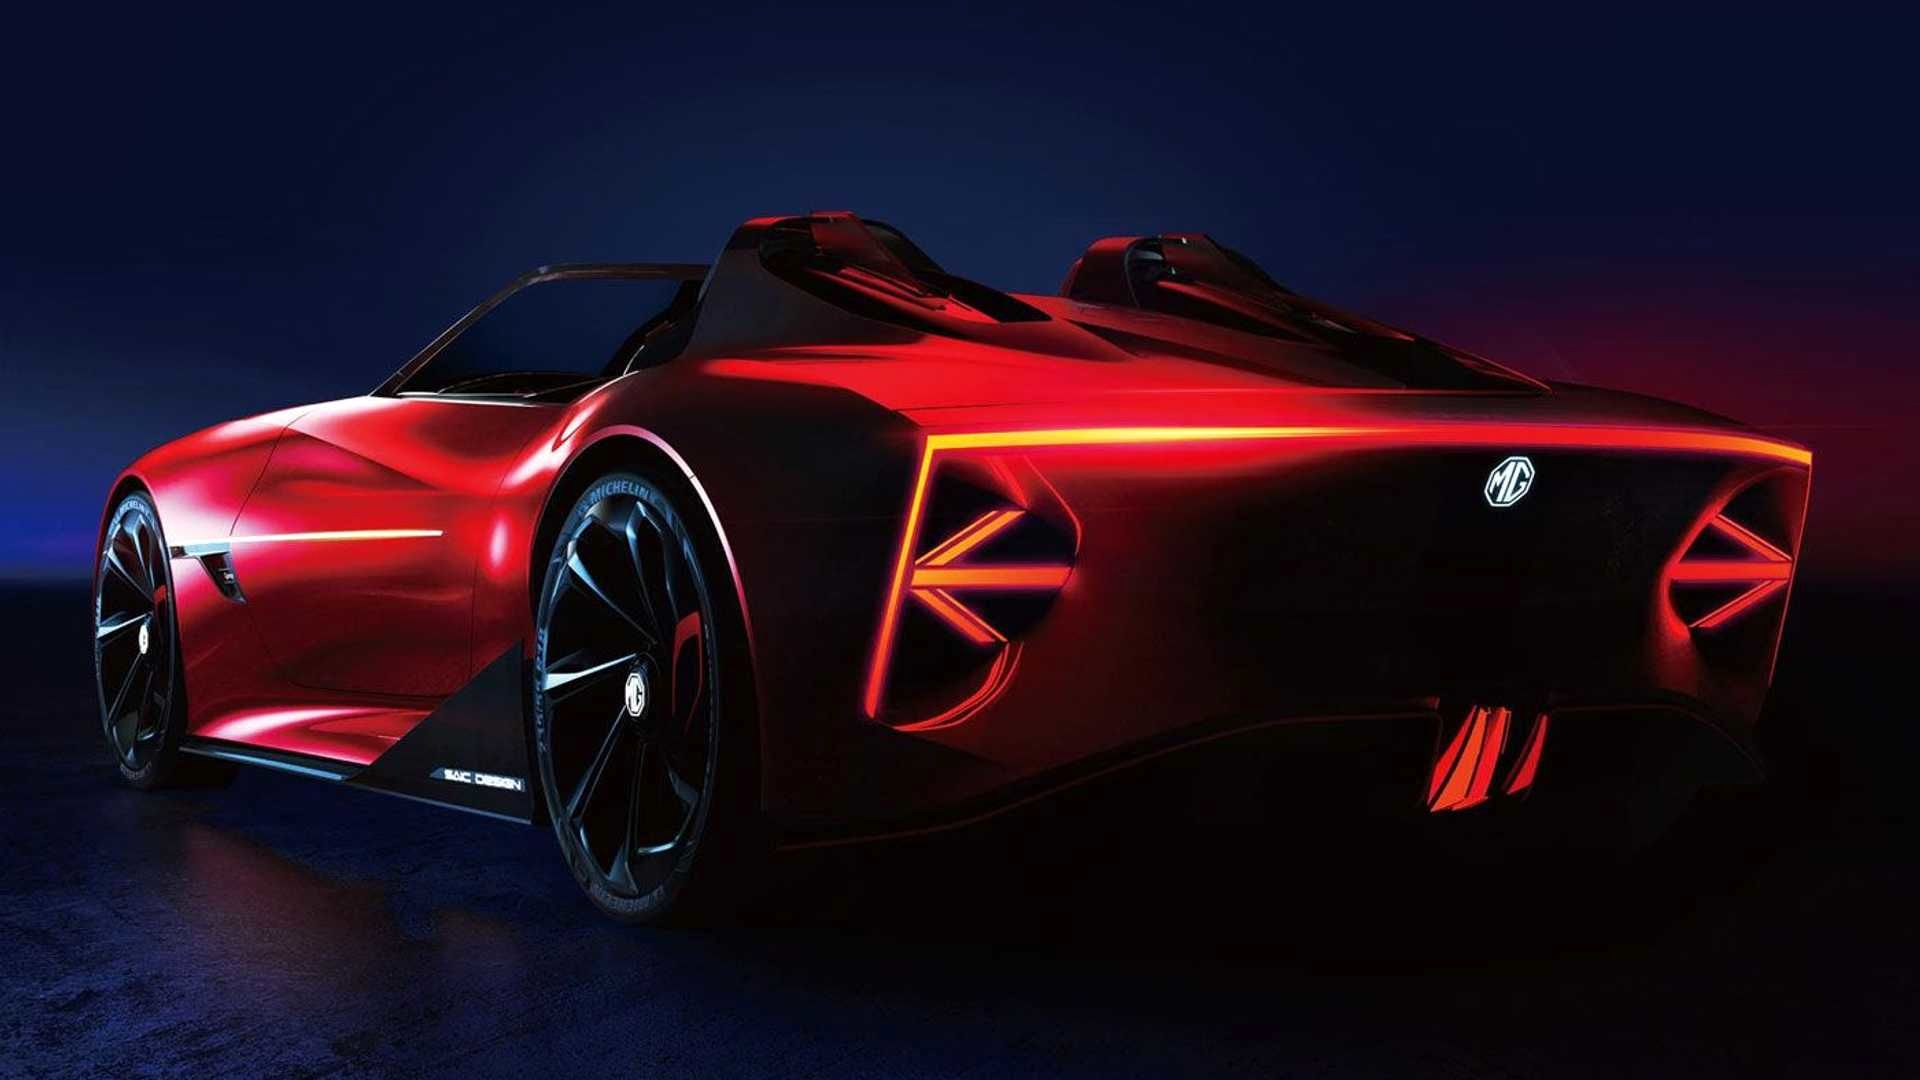 پیش نمایش مفهومی از یک اتومبیل ورزشی هیجان انگیز